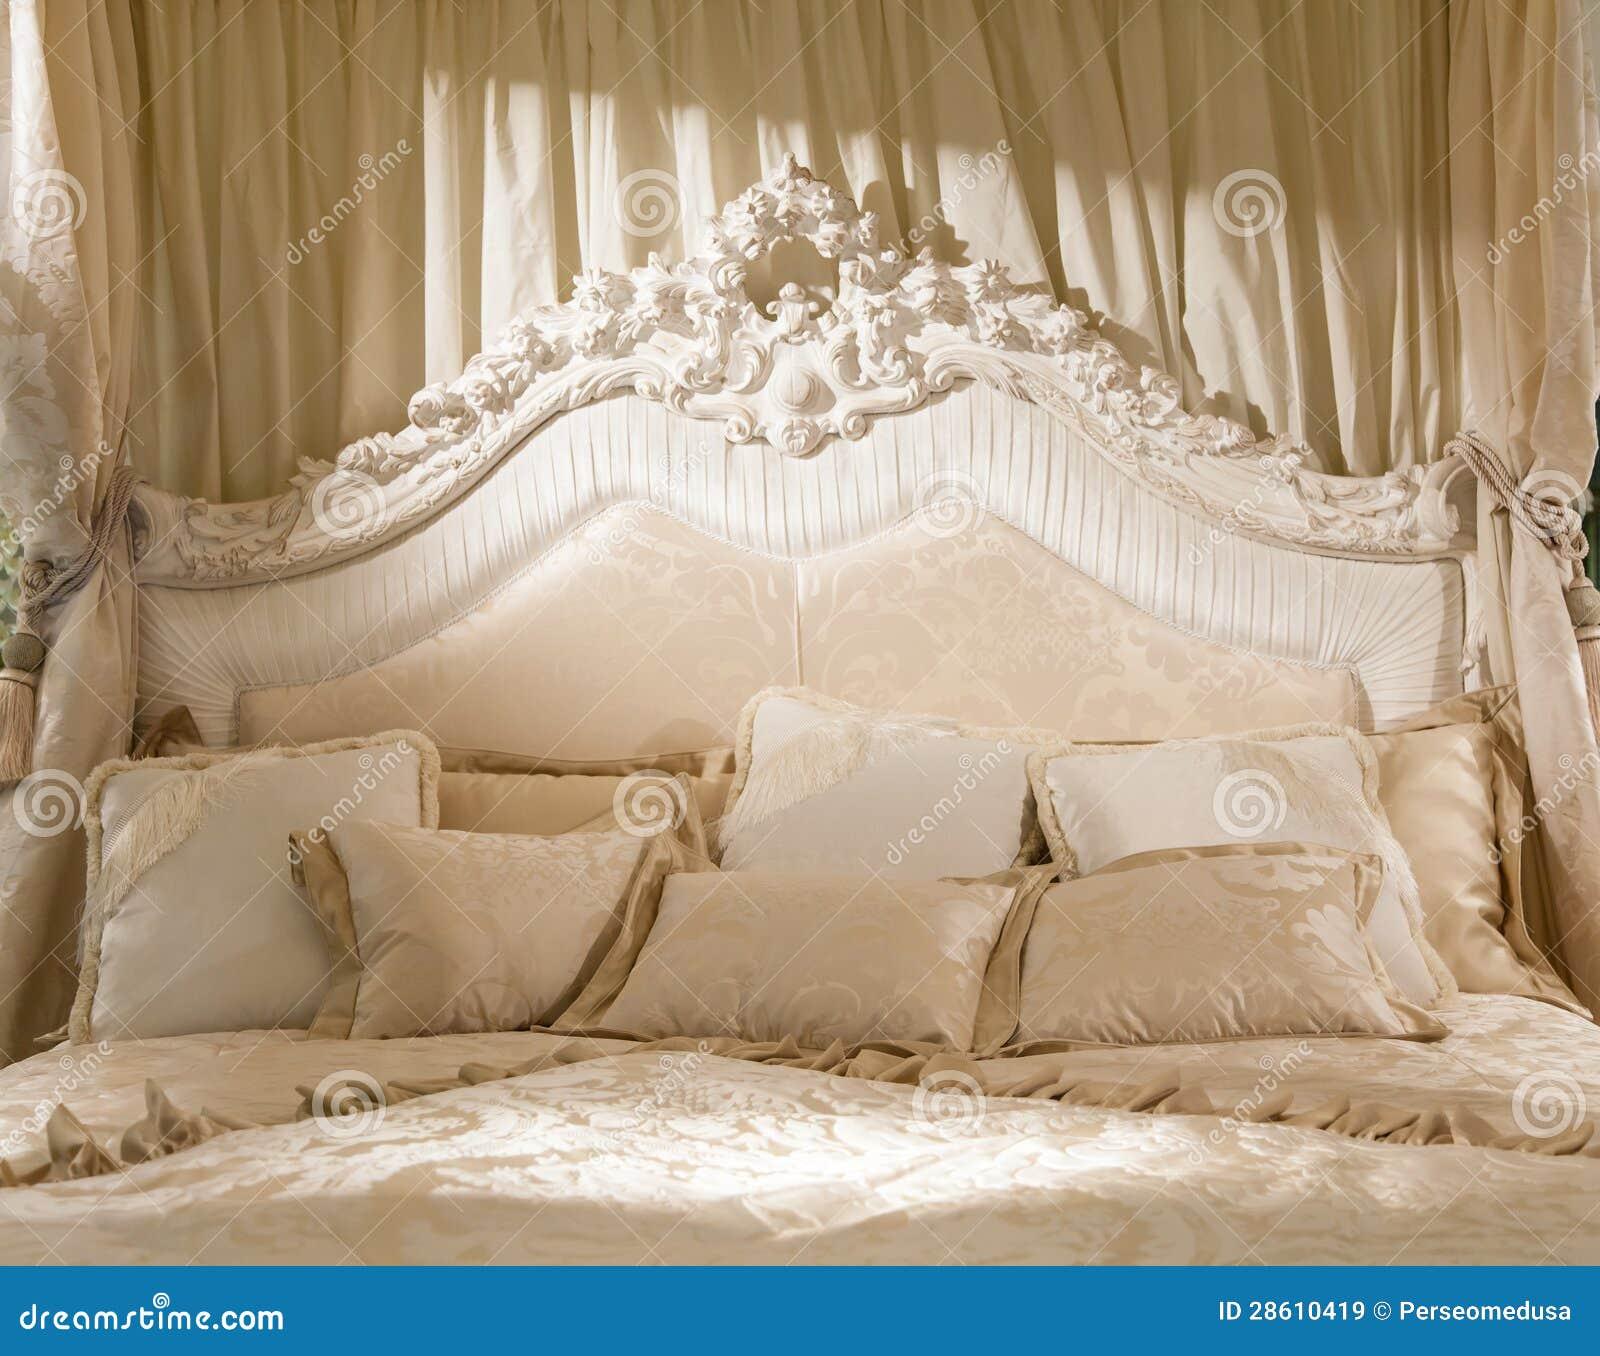 Romantische slaapkamer royalty vrije stock afbeeldingen afbeelding 28610419 - Romantische witte bed ...